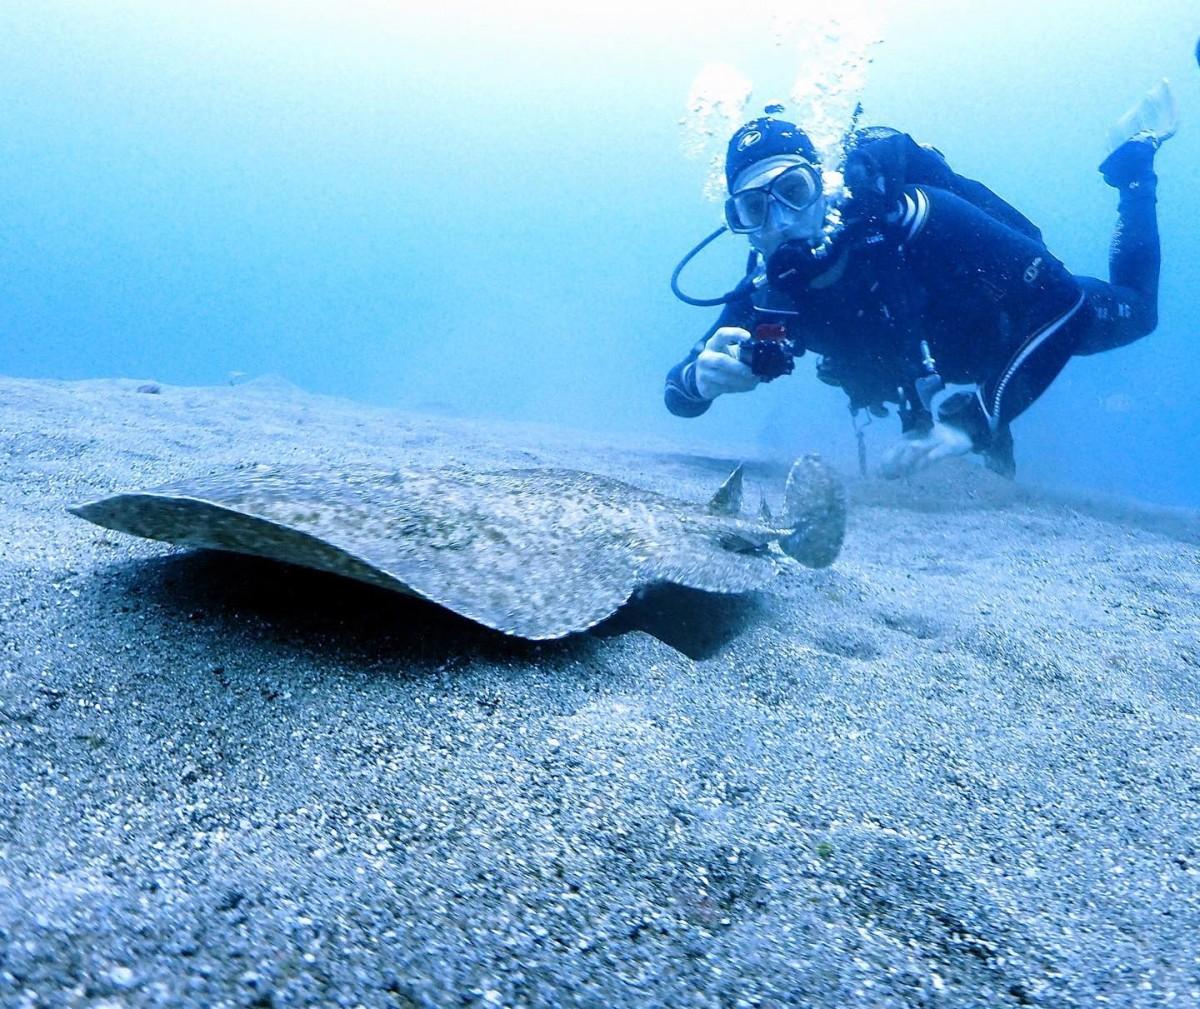 Manta Diving Lanzarote - alt_image_gallery